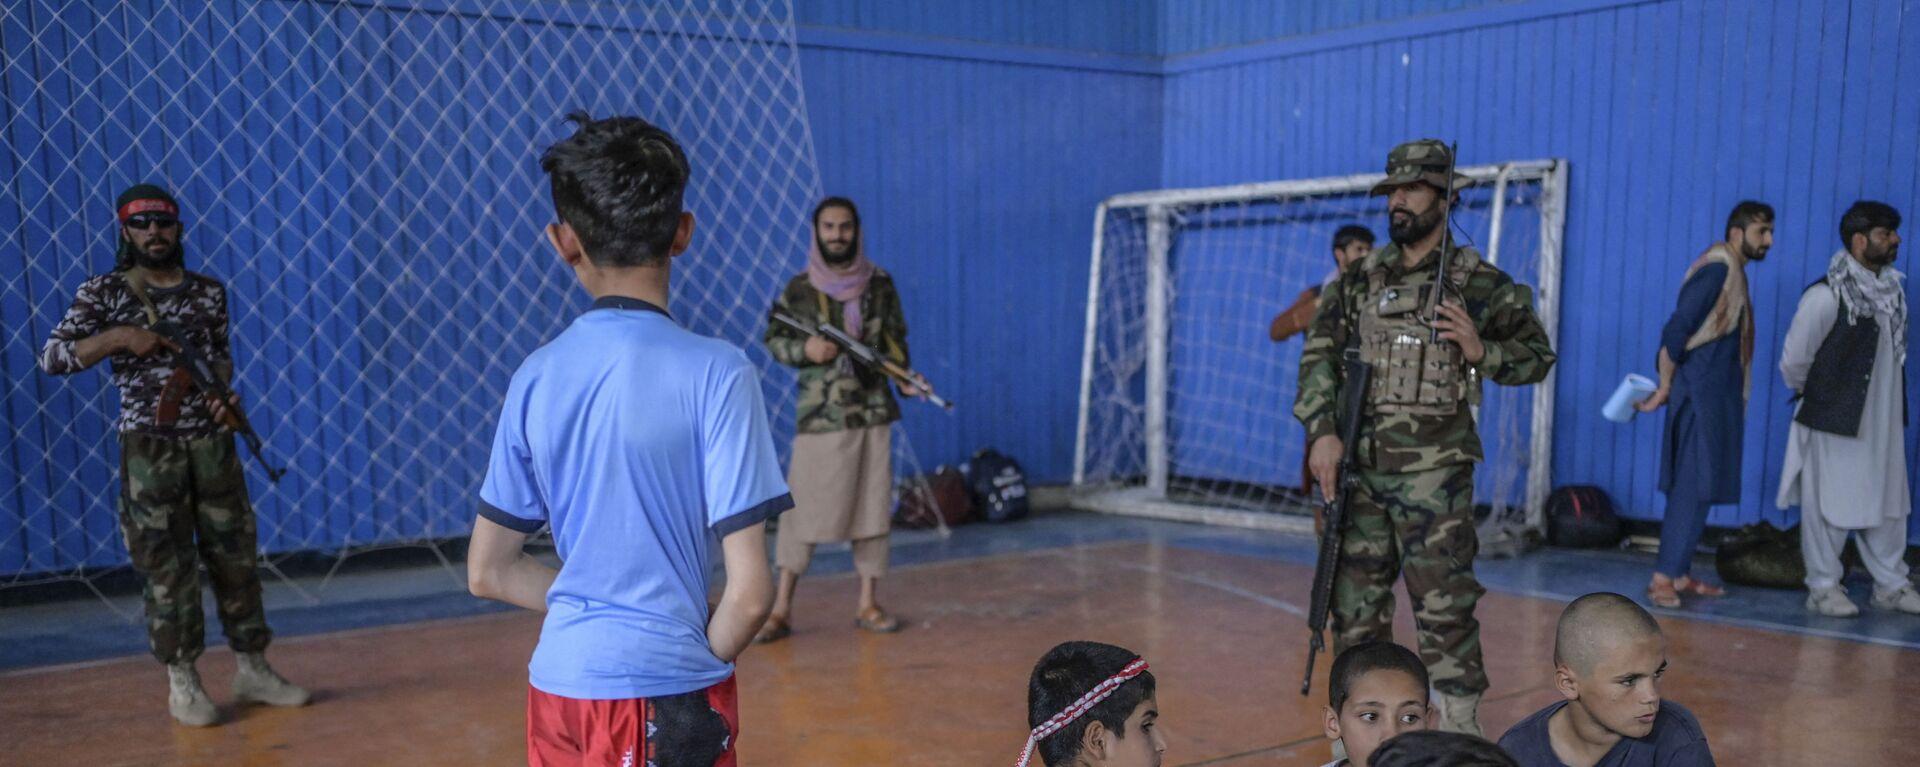 Во время визита директора Талибана по физическому воспитанию и спорту Башира Ахмада Рустамзая в спортзал в Кабуле - Sputnik International, 1920, 15.09.2021